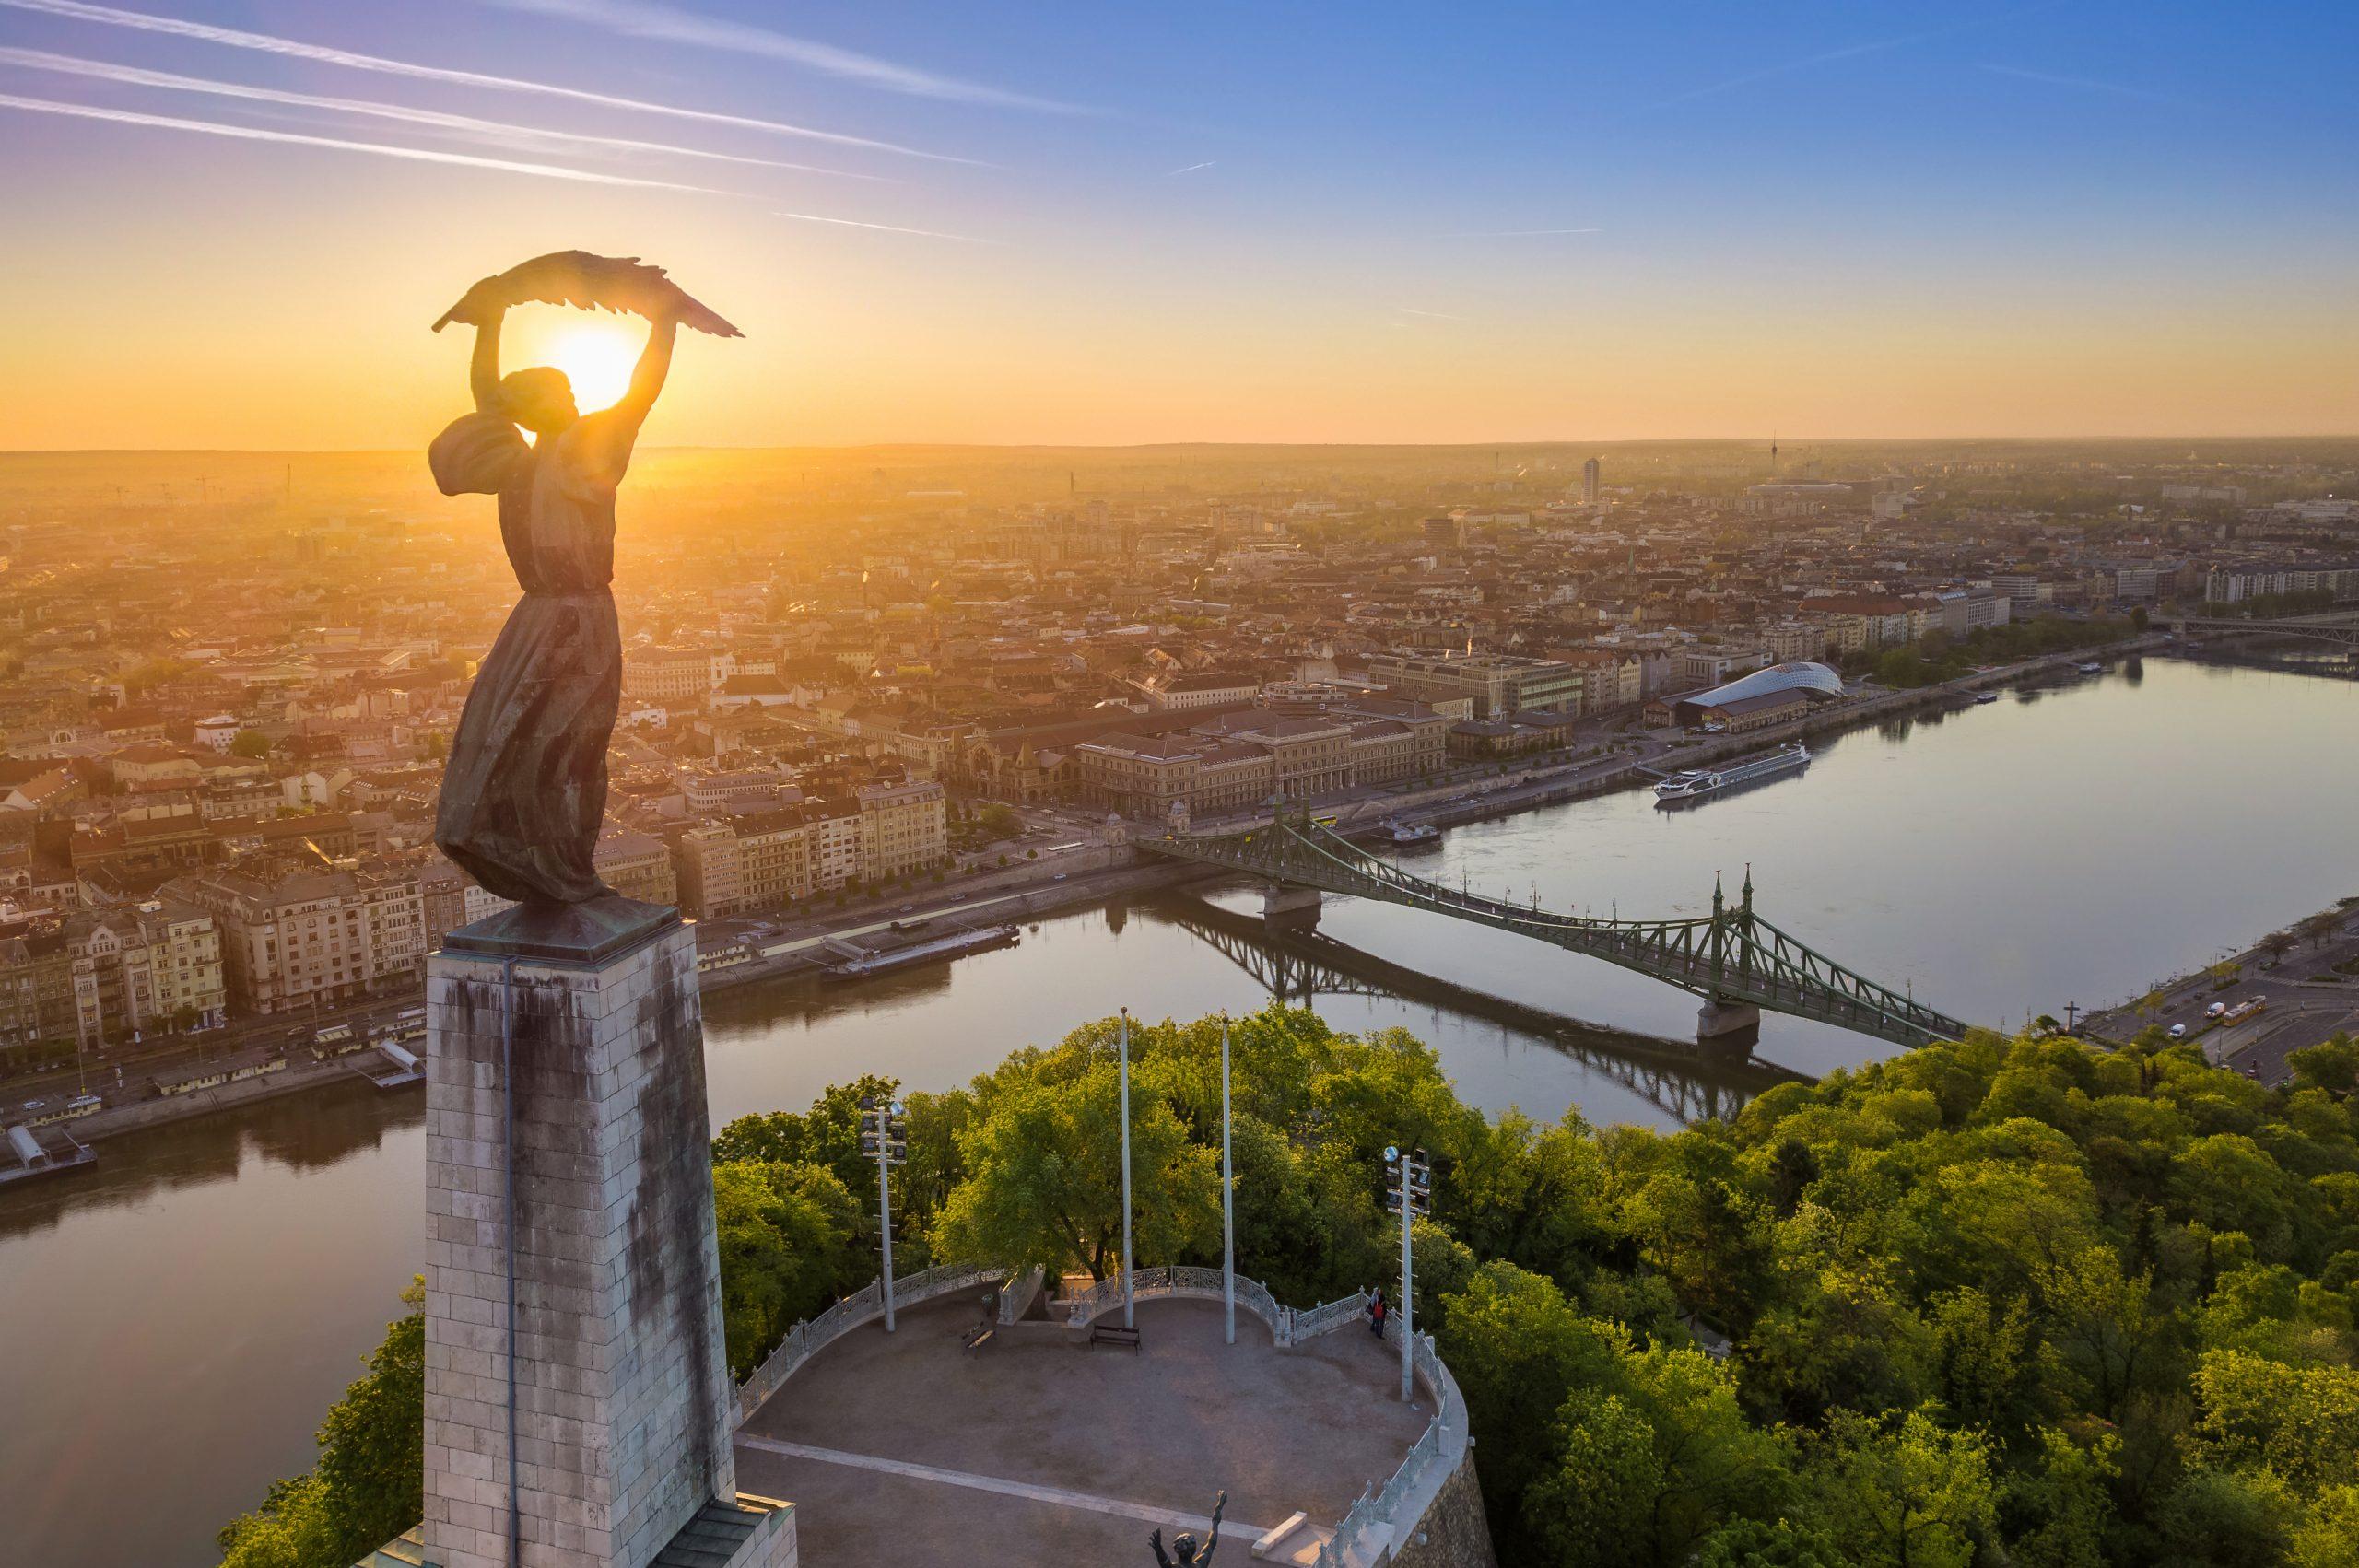 Et kig ud over den ungarske hovedstad, Budapest. Pressefoto: Det nationale ungarske turistbureau (HTA)